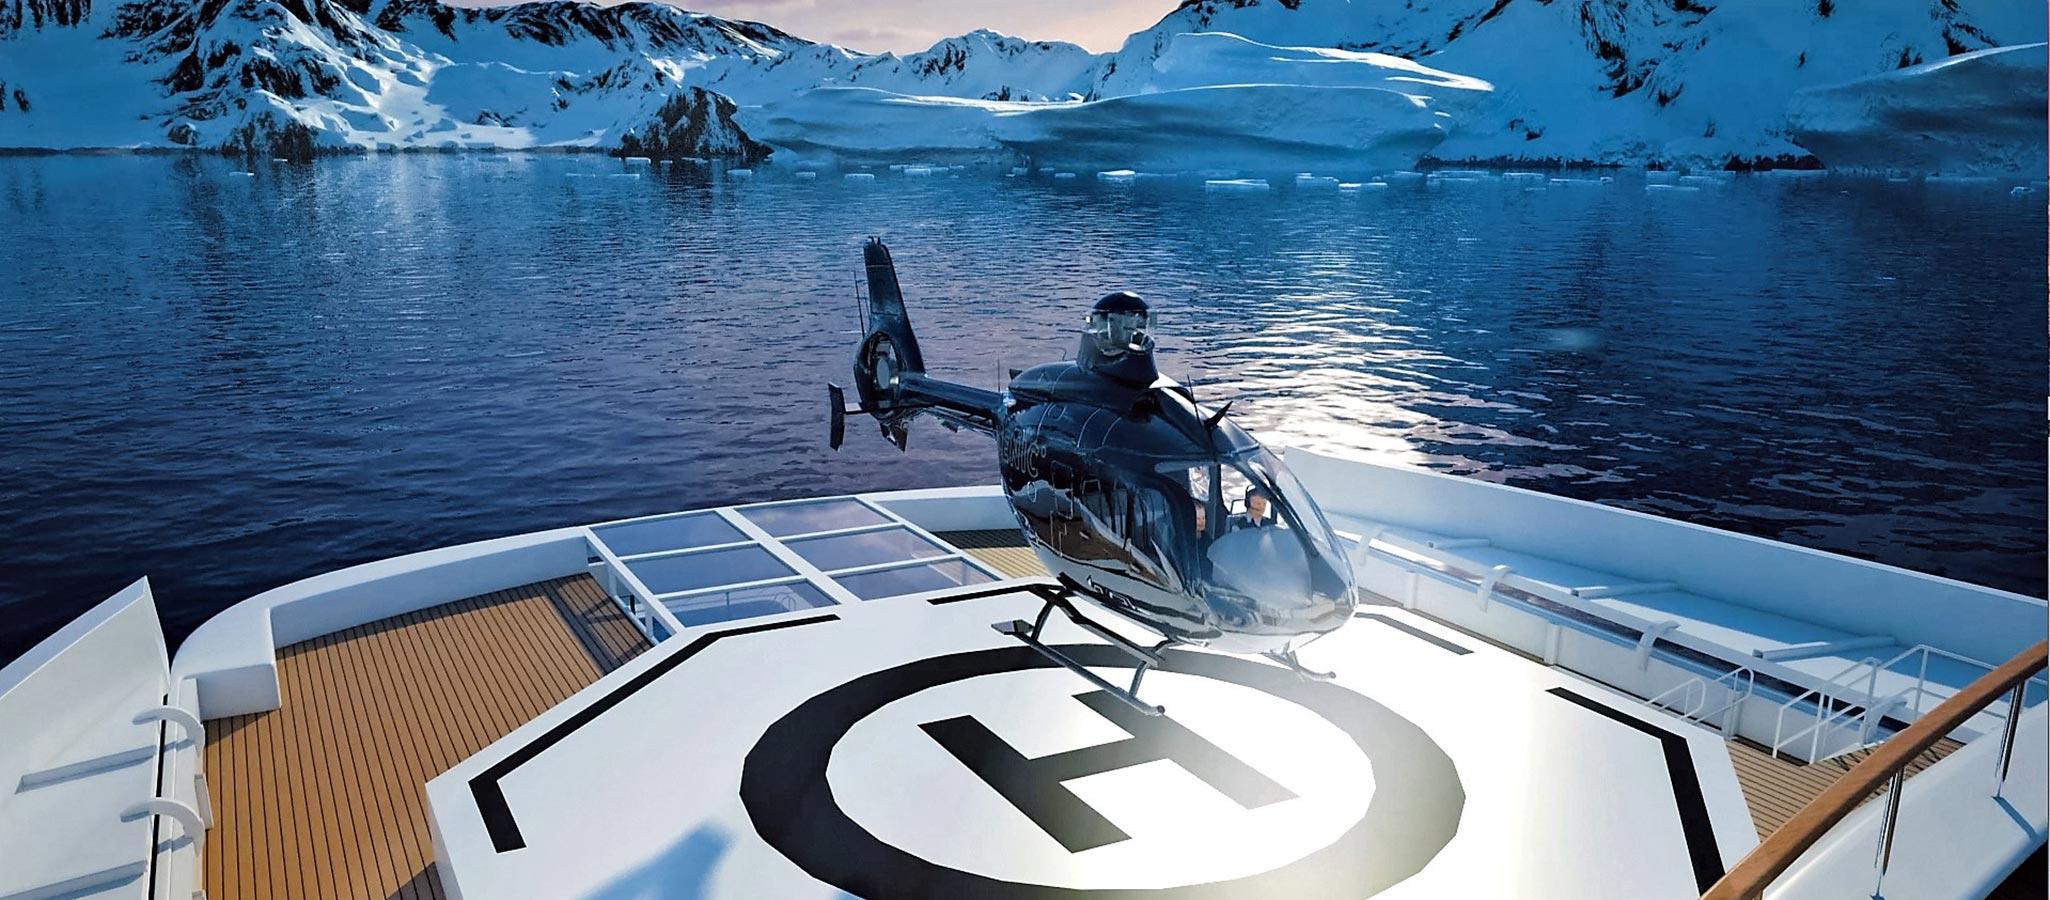 VIP-Gäste werden mit den bordeigenen Helikoptern eingeflogen.